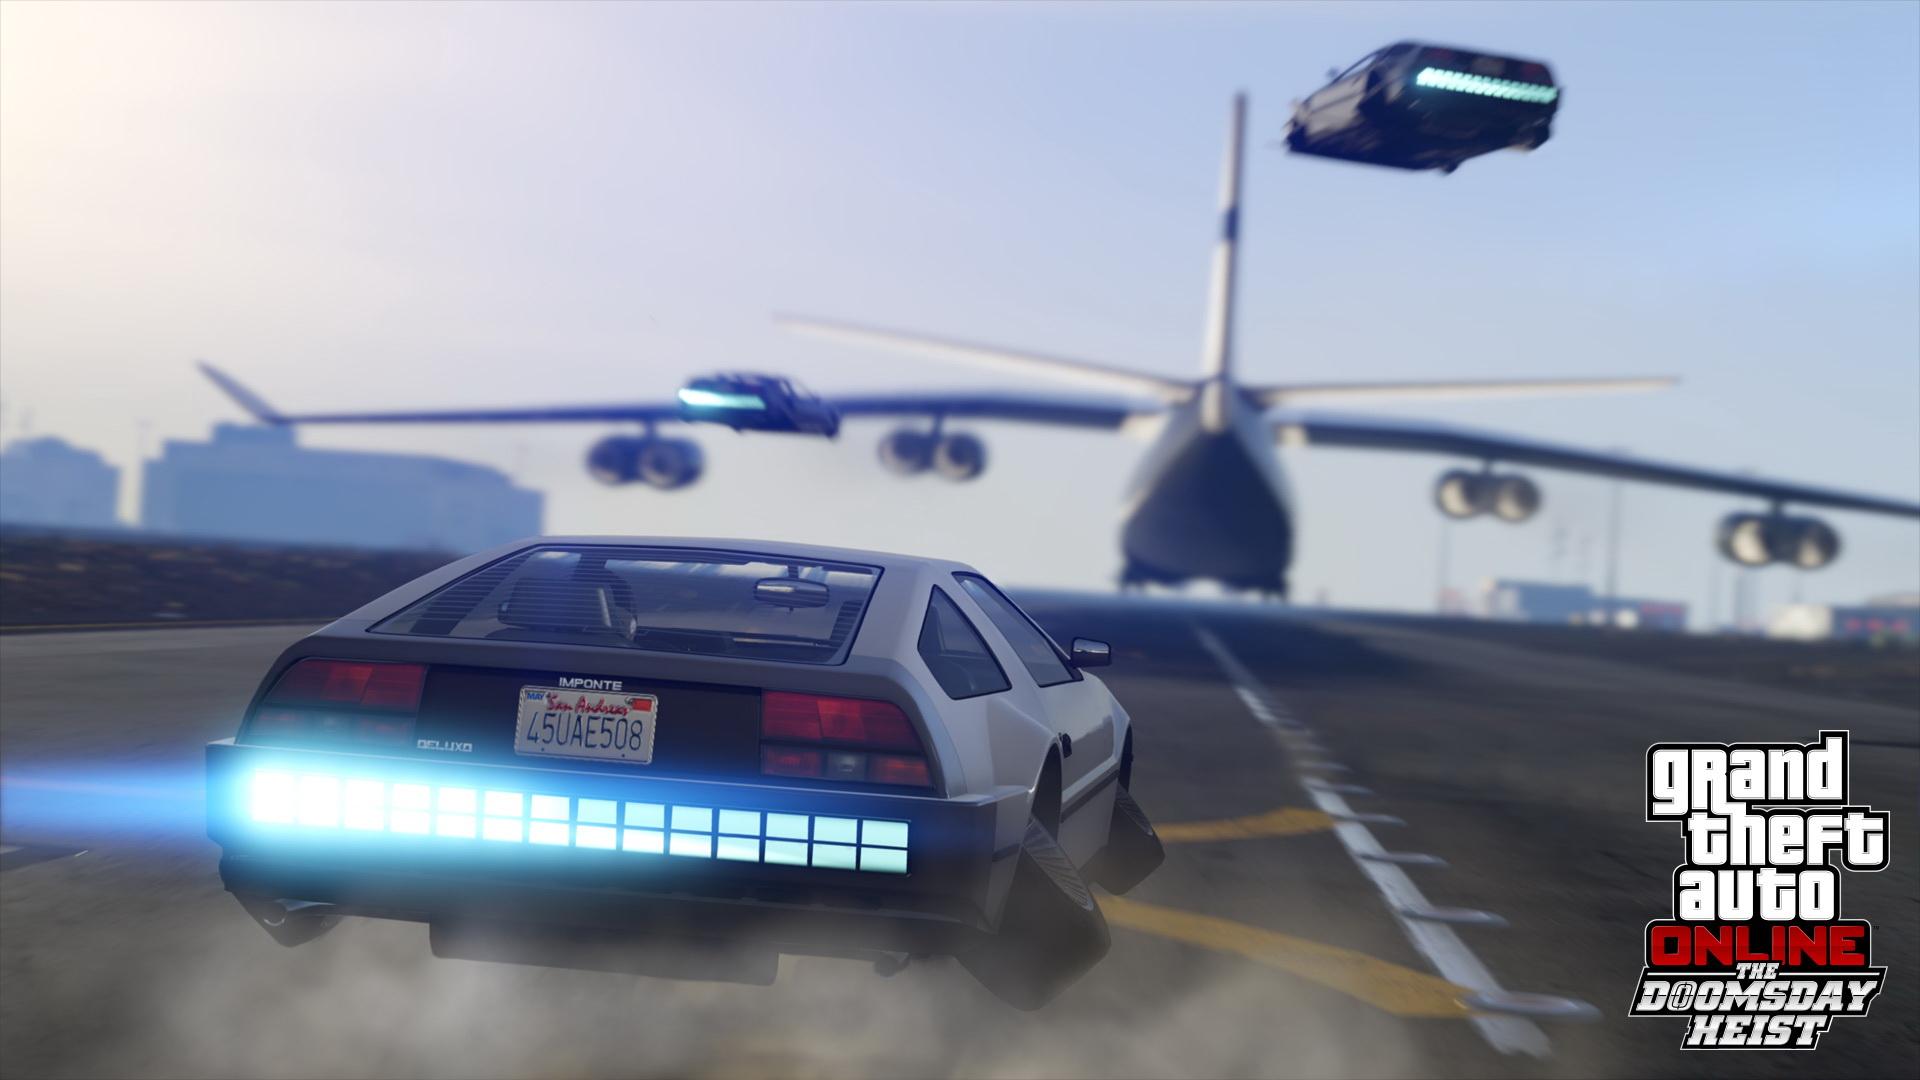 侠盗飞车5Grand Theft Auto V 纯净版v1.0.2372.0 / 1.57最新插图1